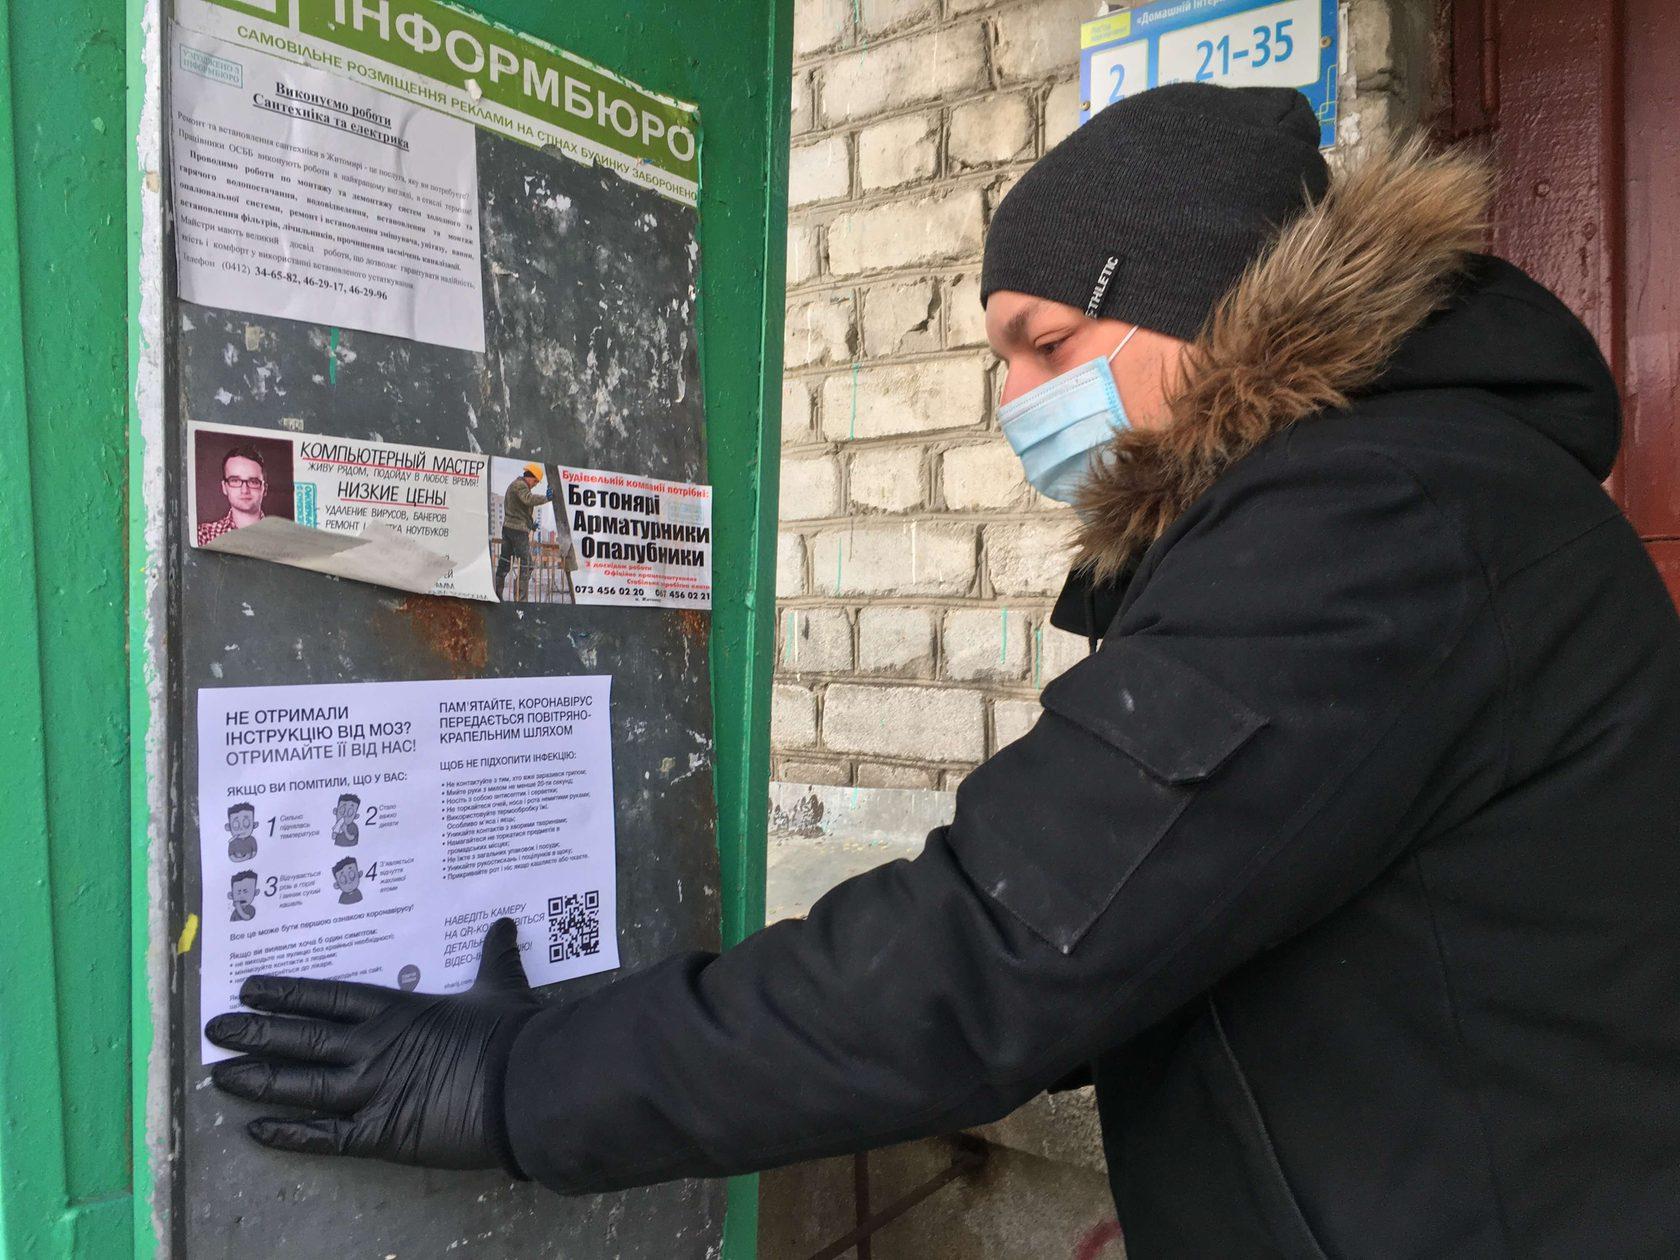 «Партия Шария» информирует жителей Житомира о методах профилактики коронавируса